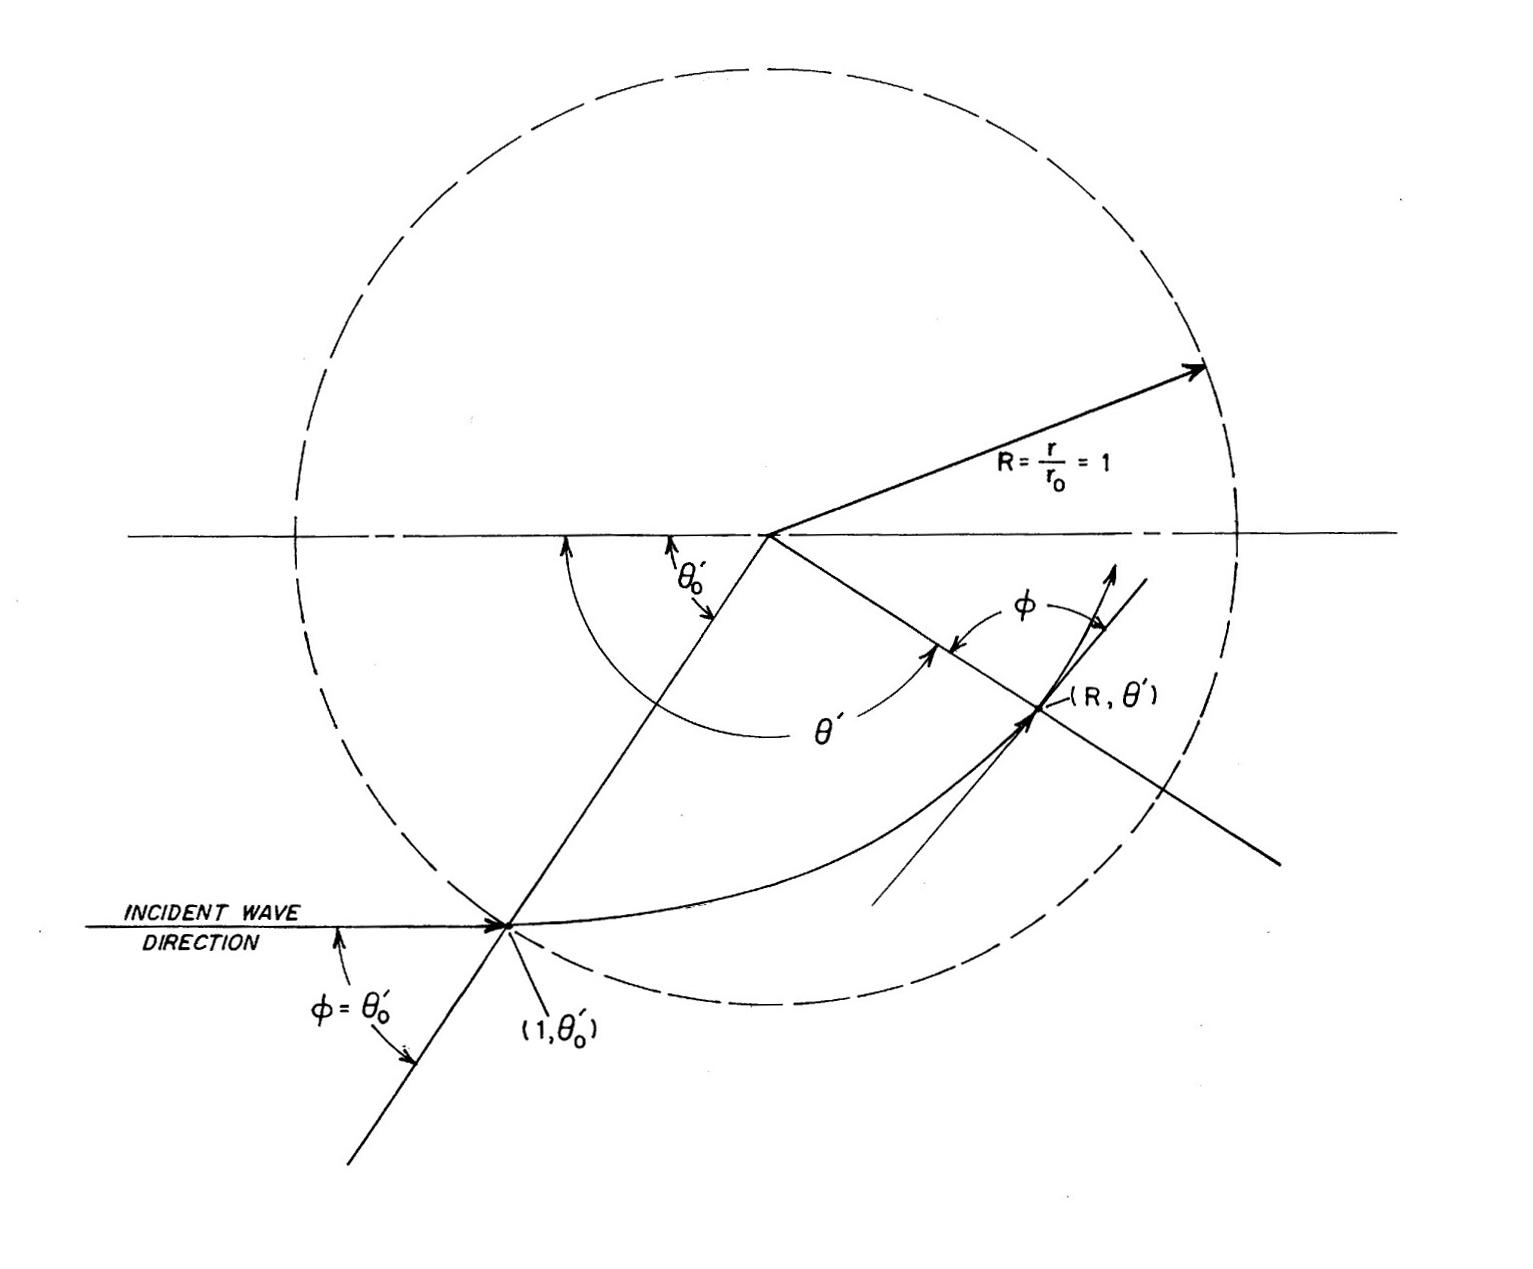 Arthur's Coordinate System